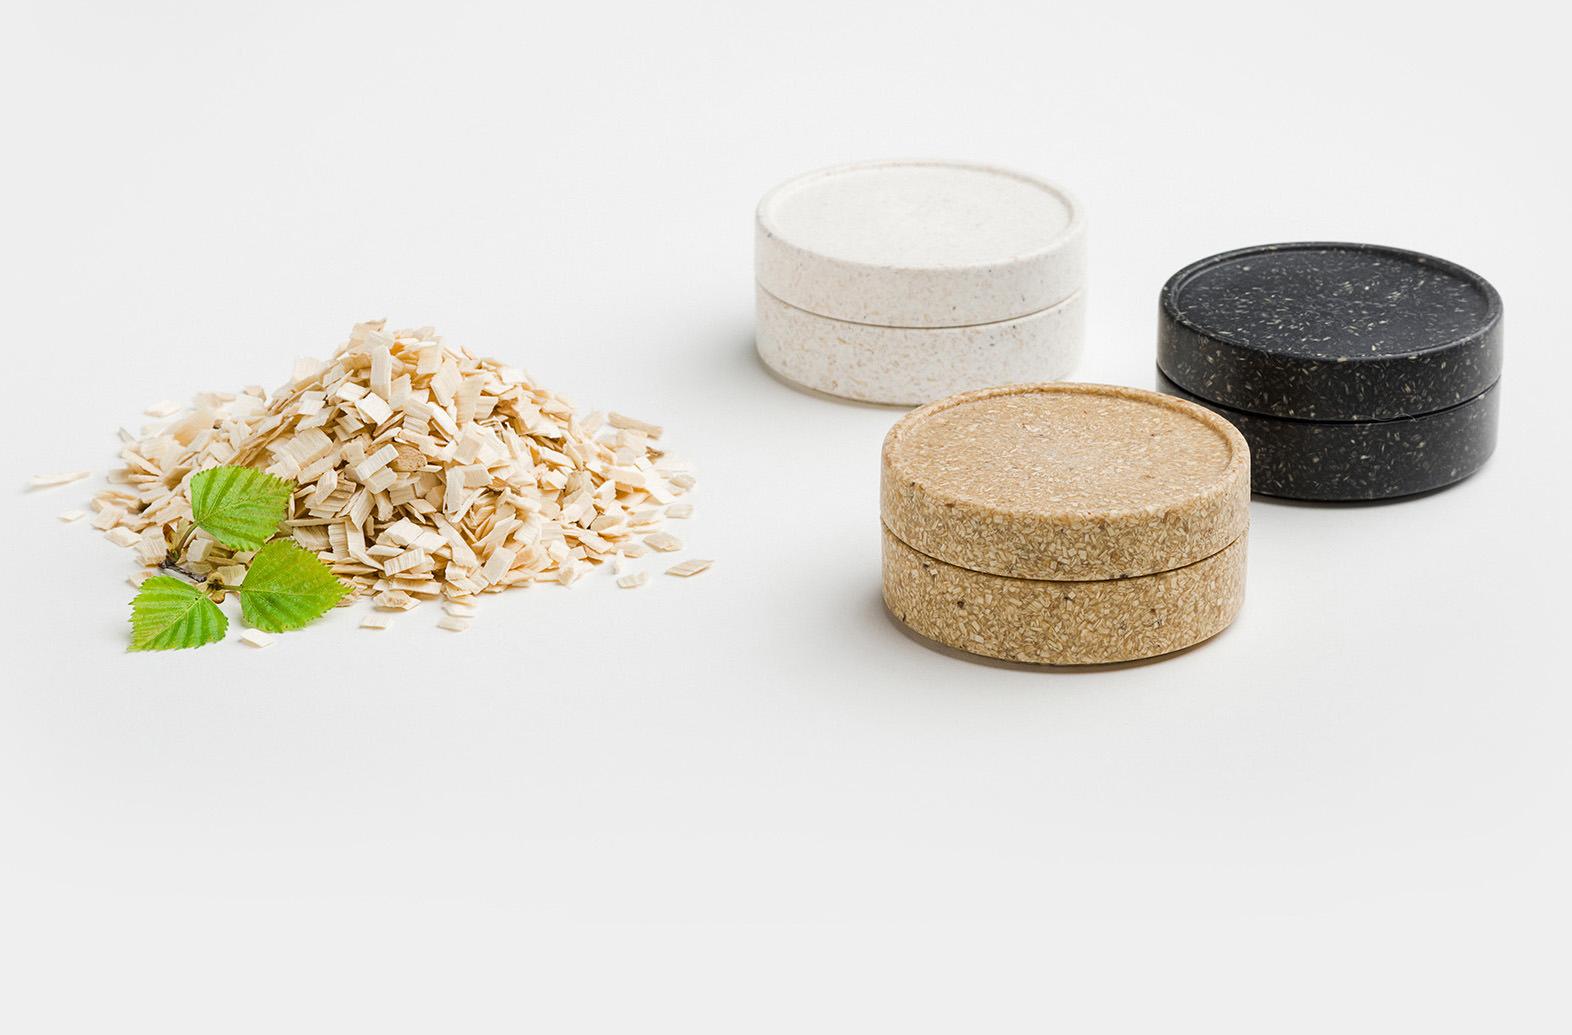 Финский стартап создал полностью экологичный аналог пластика